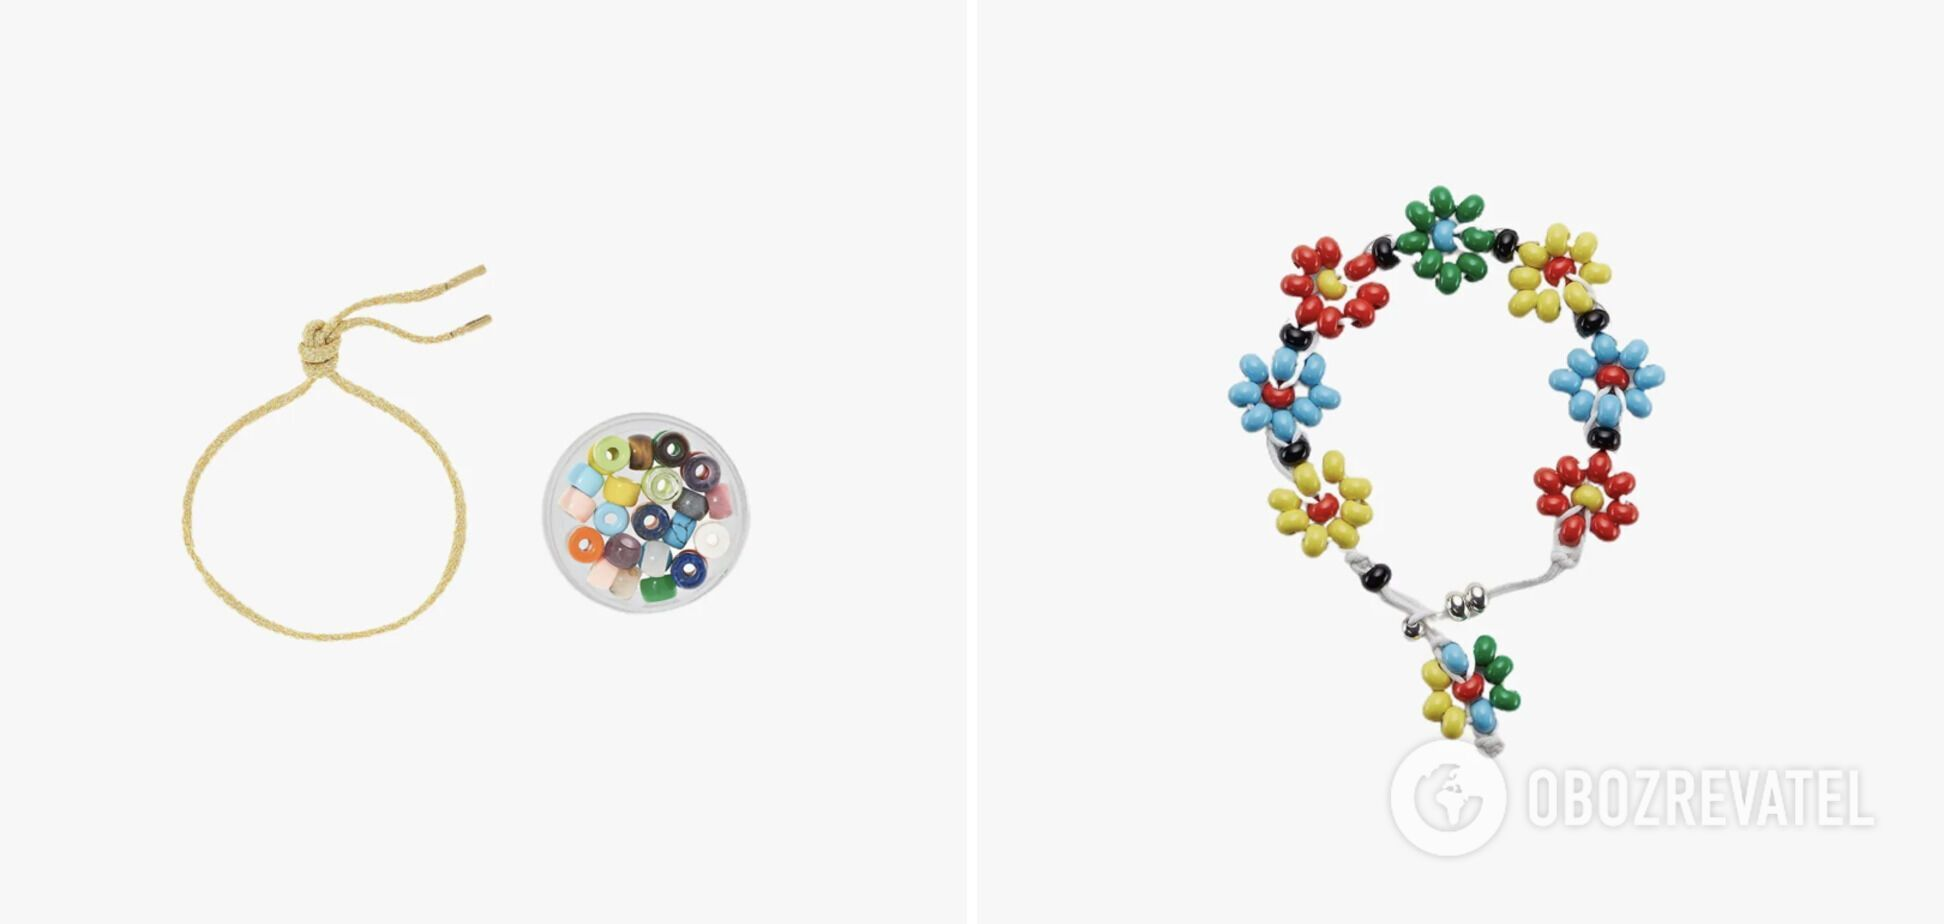 Аксессуары в стиле детских плетеных браслетов.